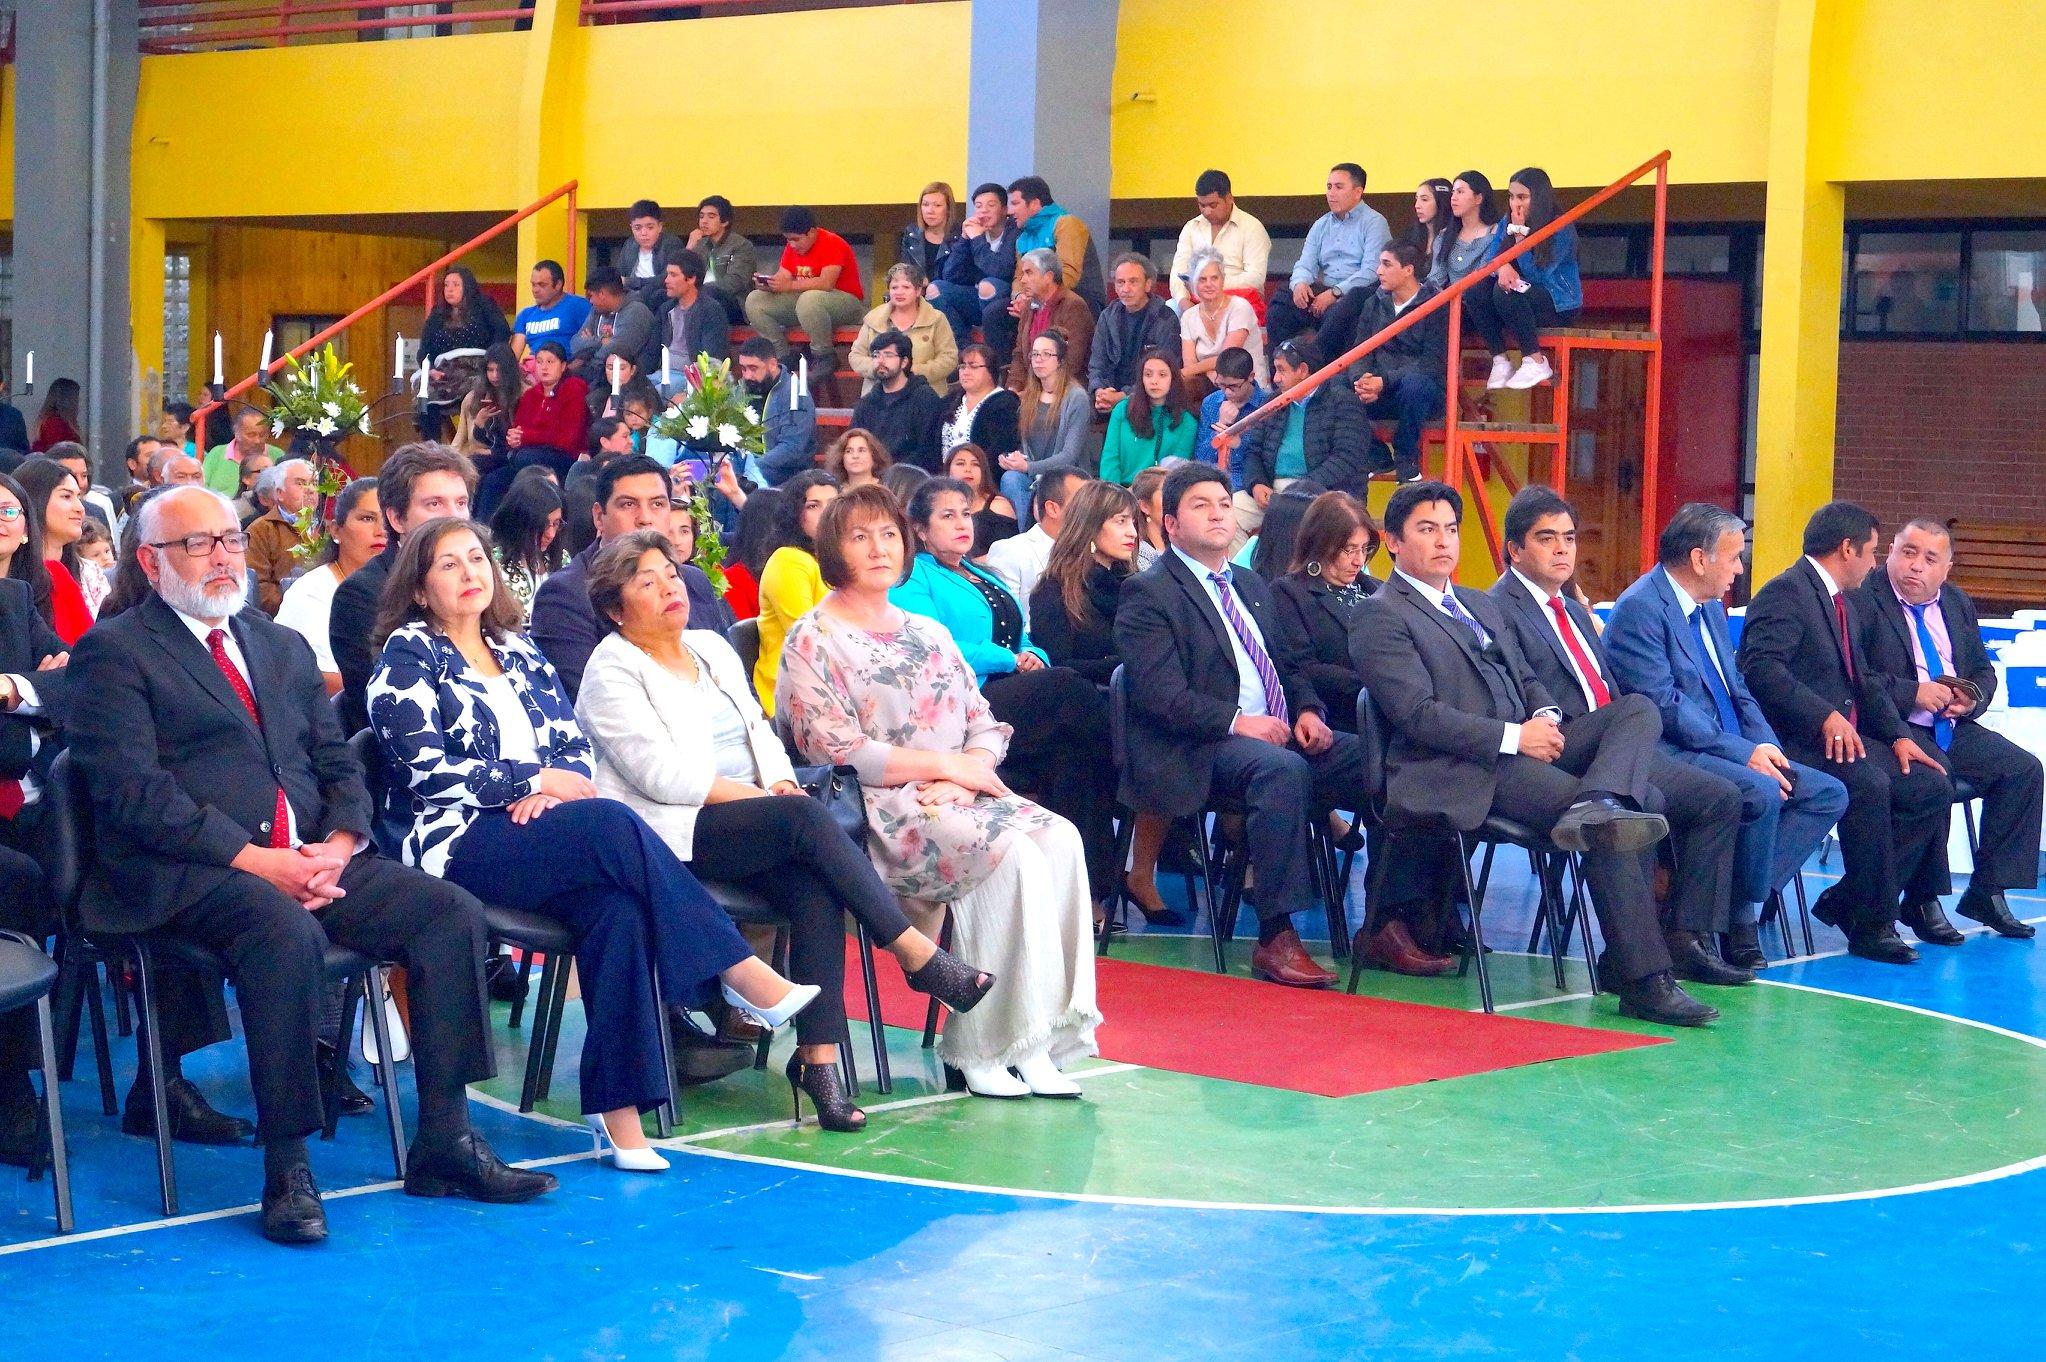 ALCALDESA PARTICIPA DE LICENCIATURA CUARTOS MEDIOS EN EL LICEO PELLUHUE.